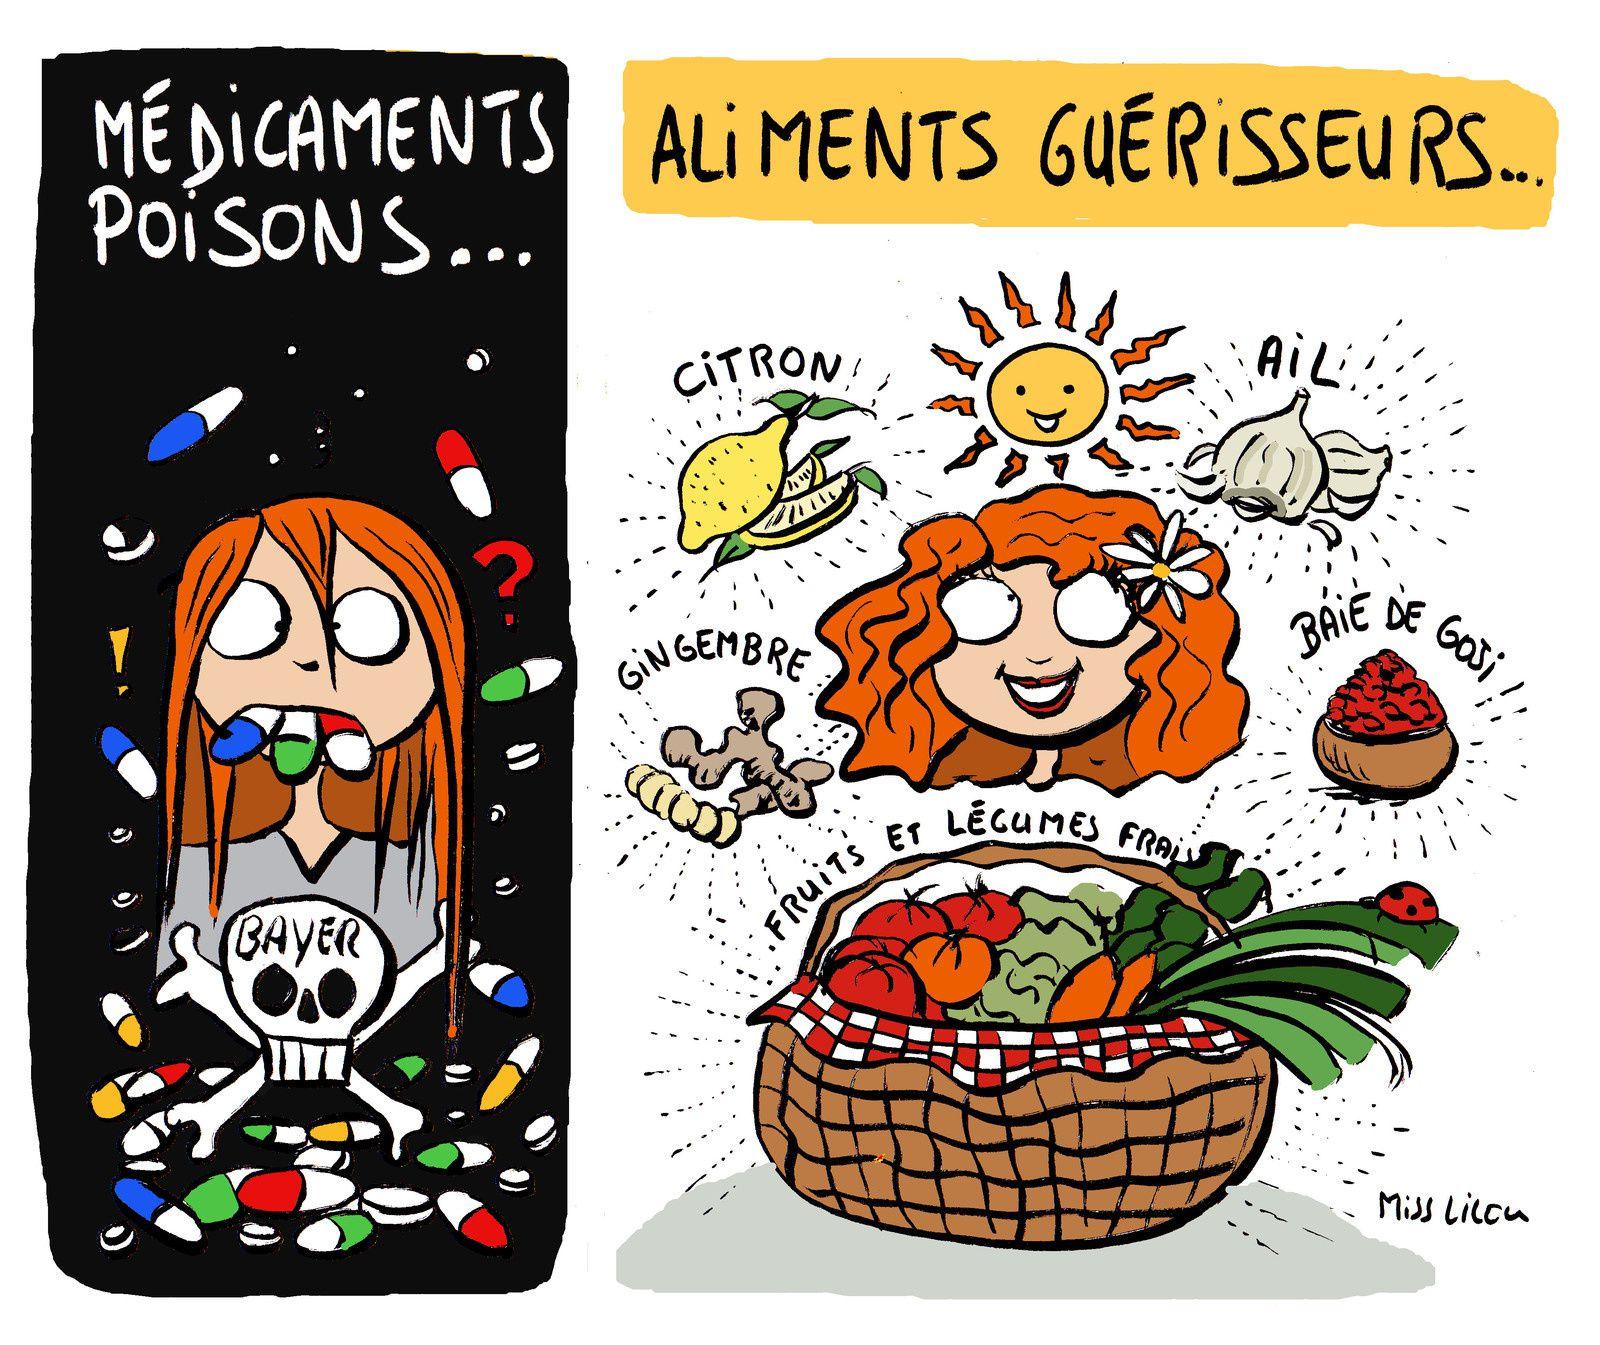 Médicaments poisons, aliments guérisseurs